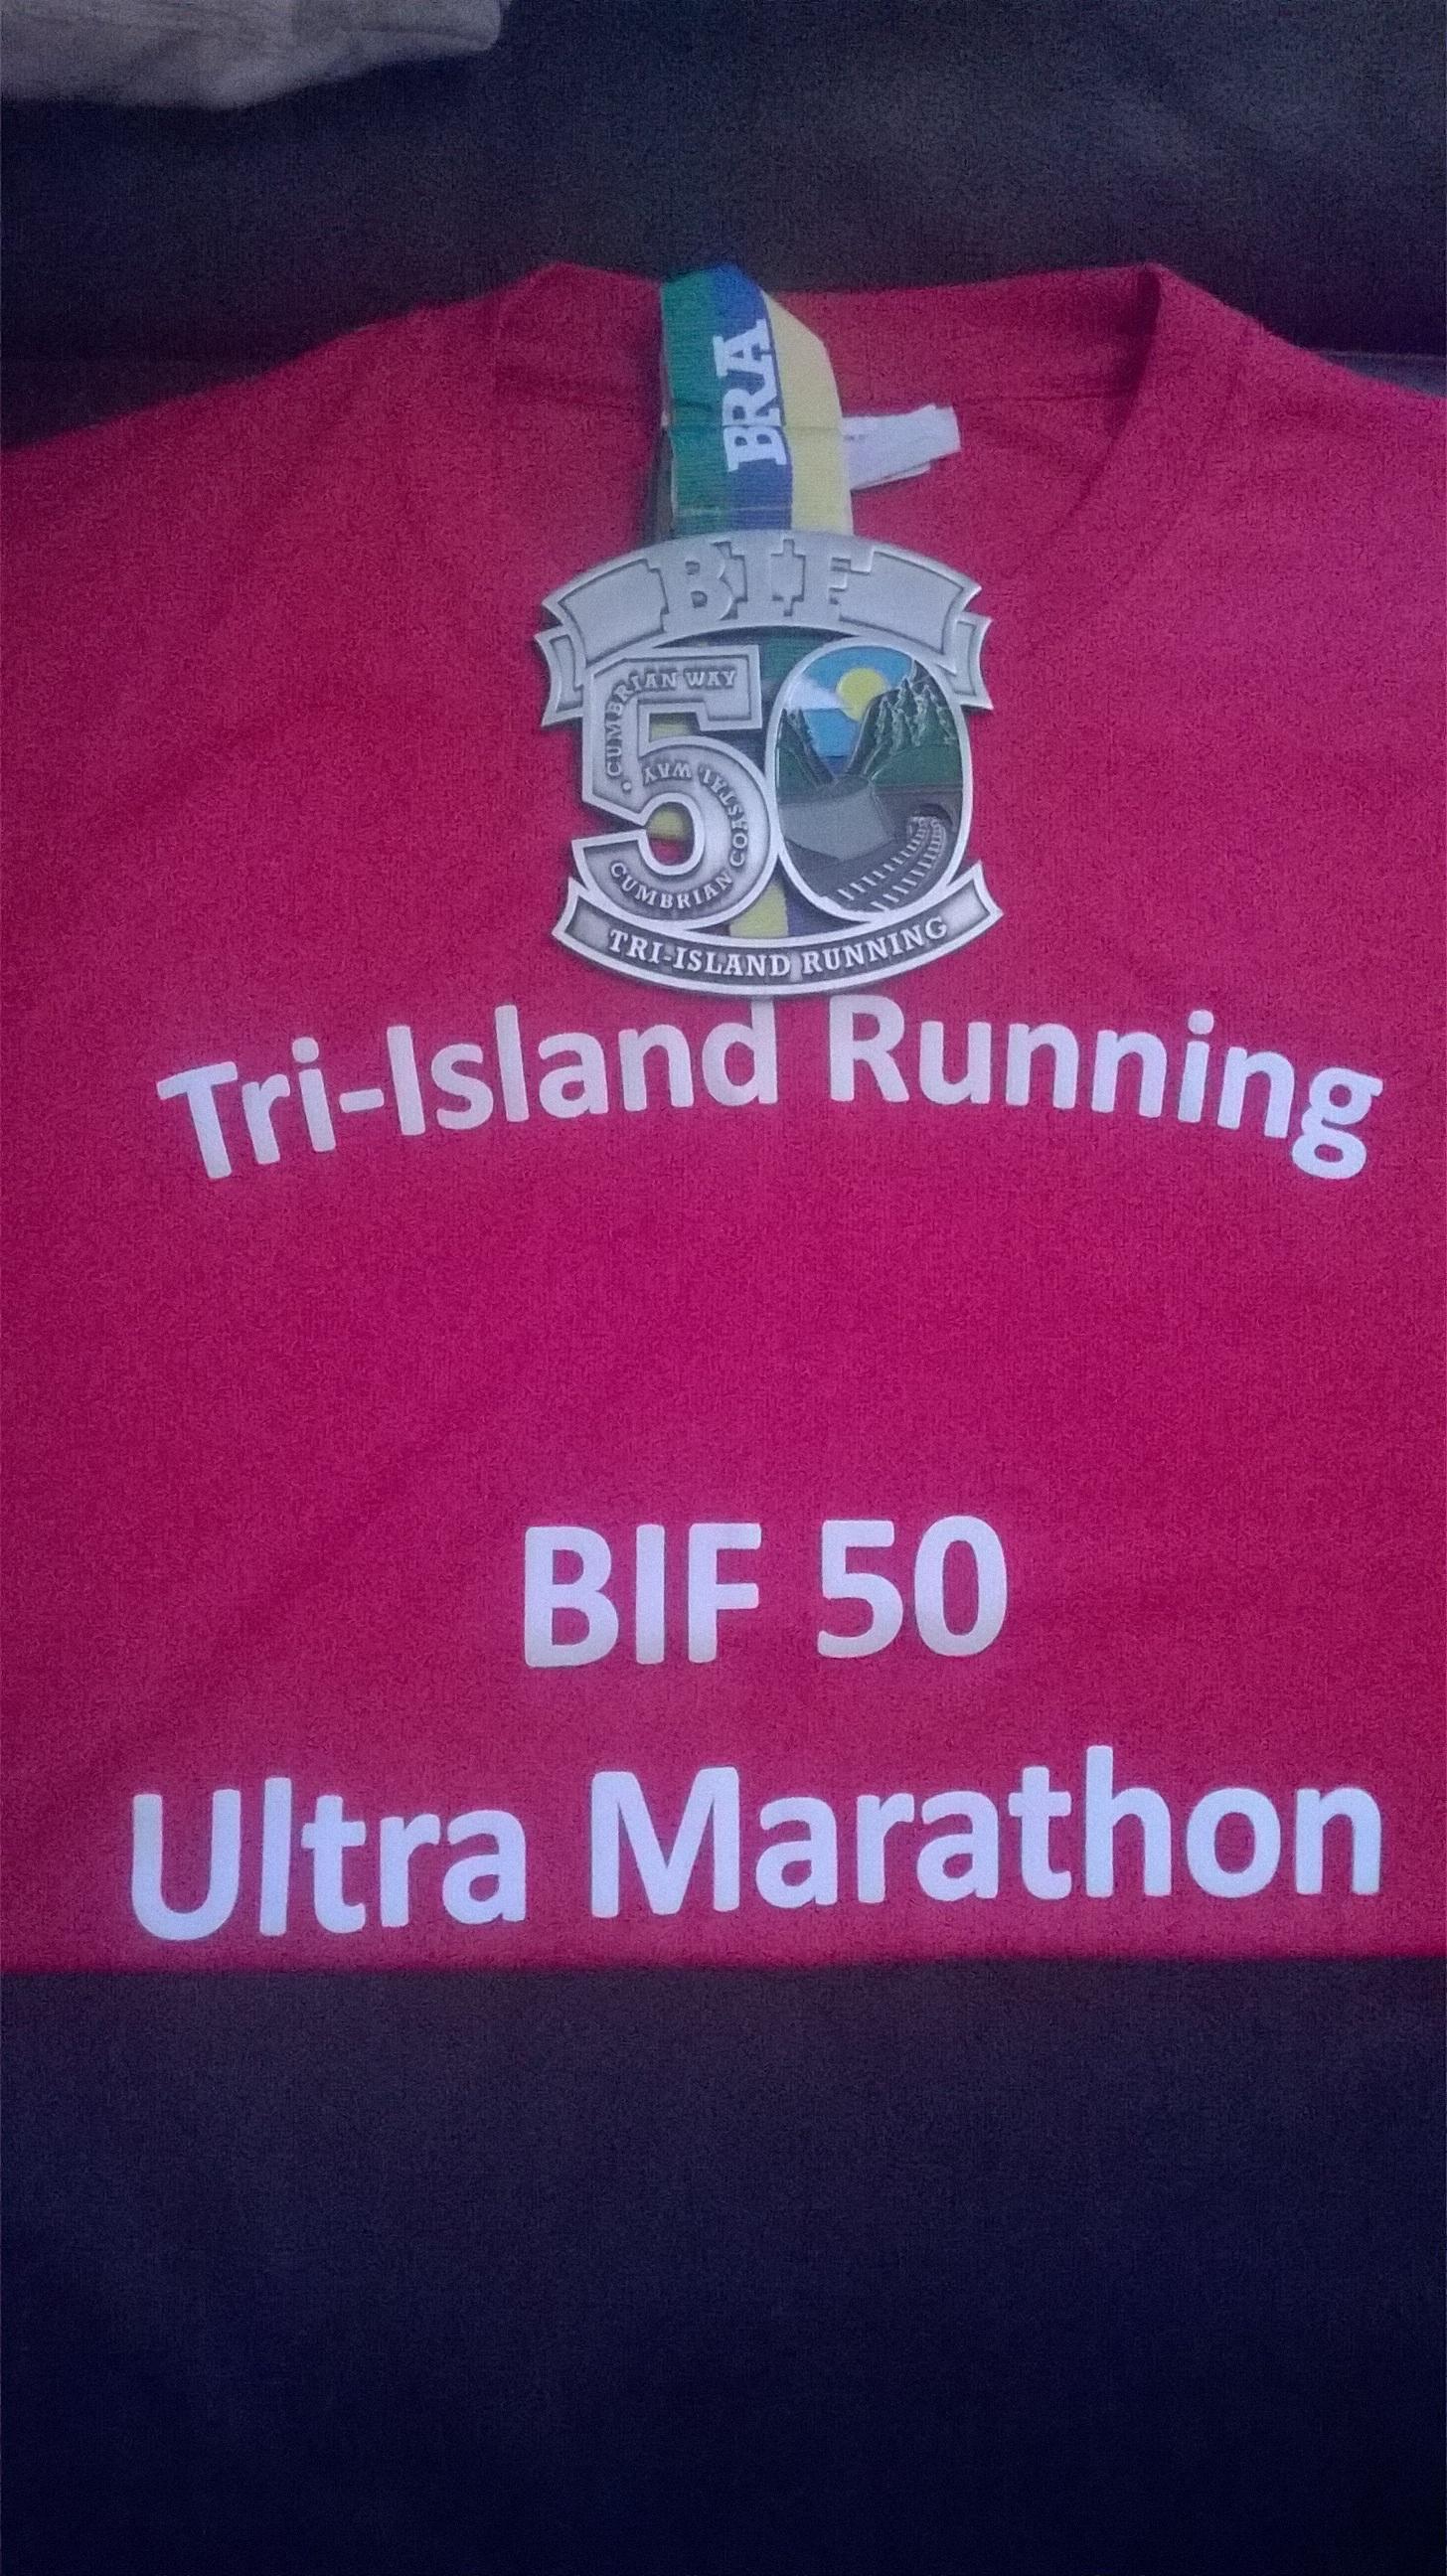 BIF50 medal & T